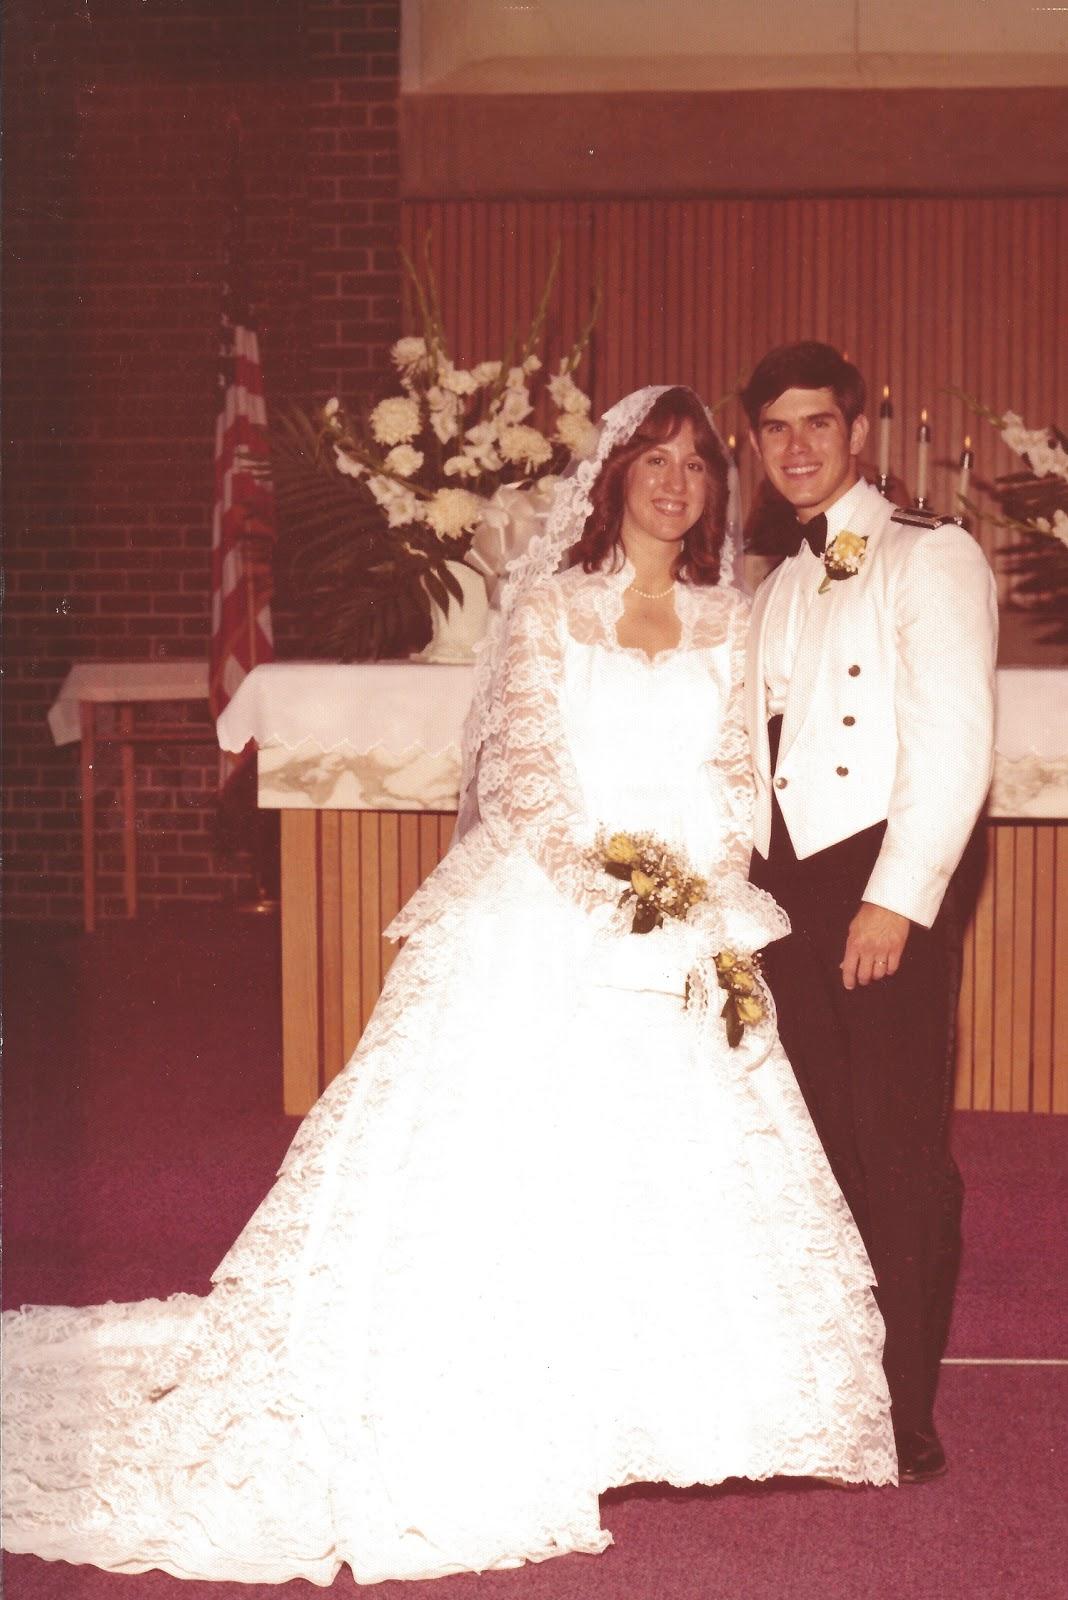 Beautiful brides author beth k vogt rachel hauck for The wedding dress rachel hauck